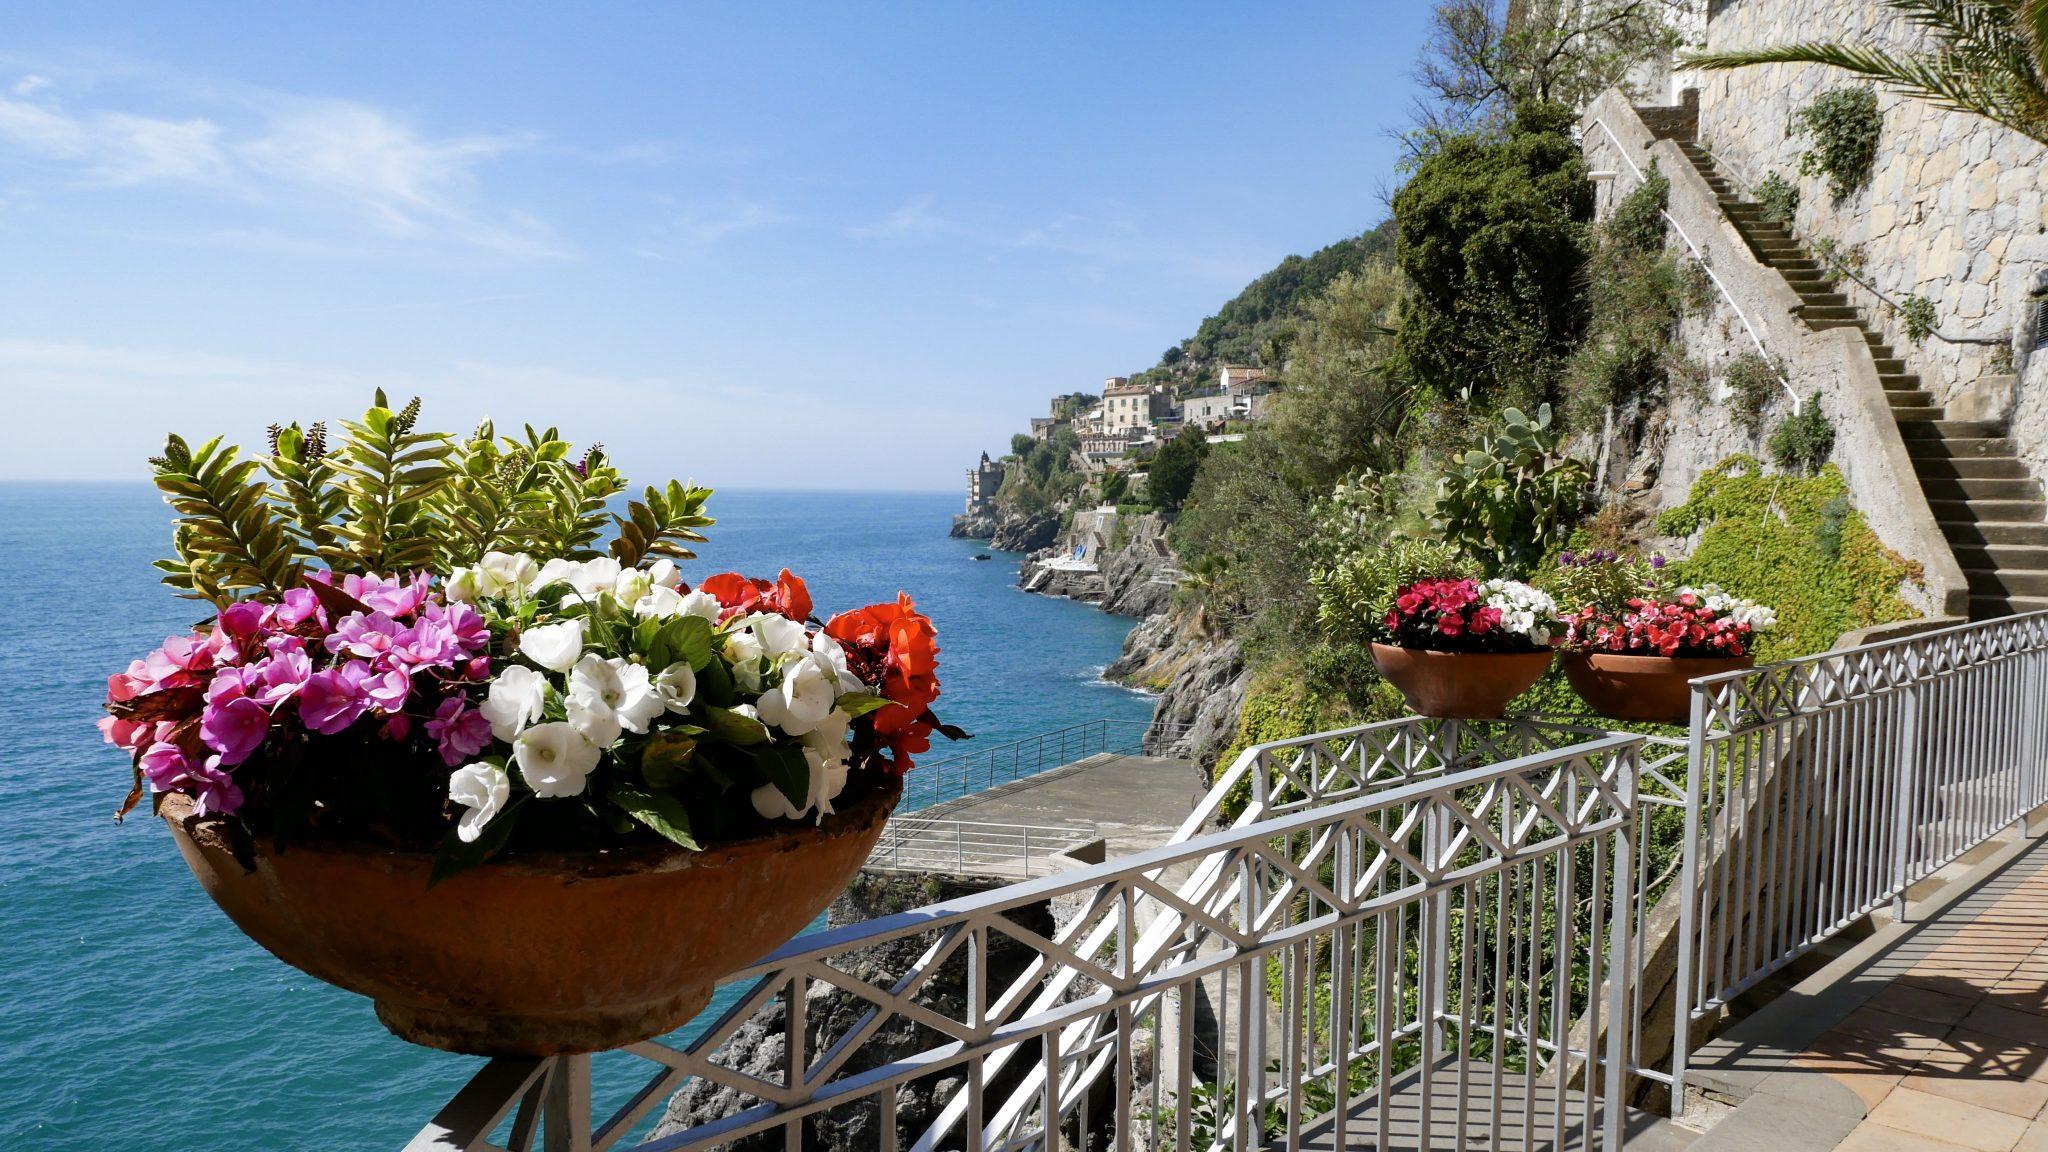 Hotel Marmorata A Cliffside Oasis Along The Amalfi Coast